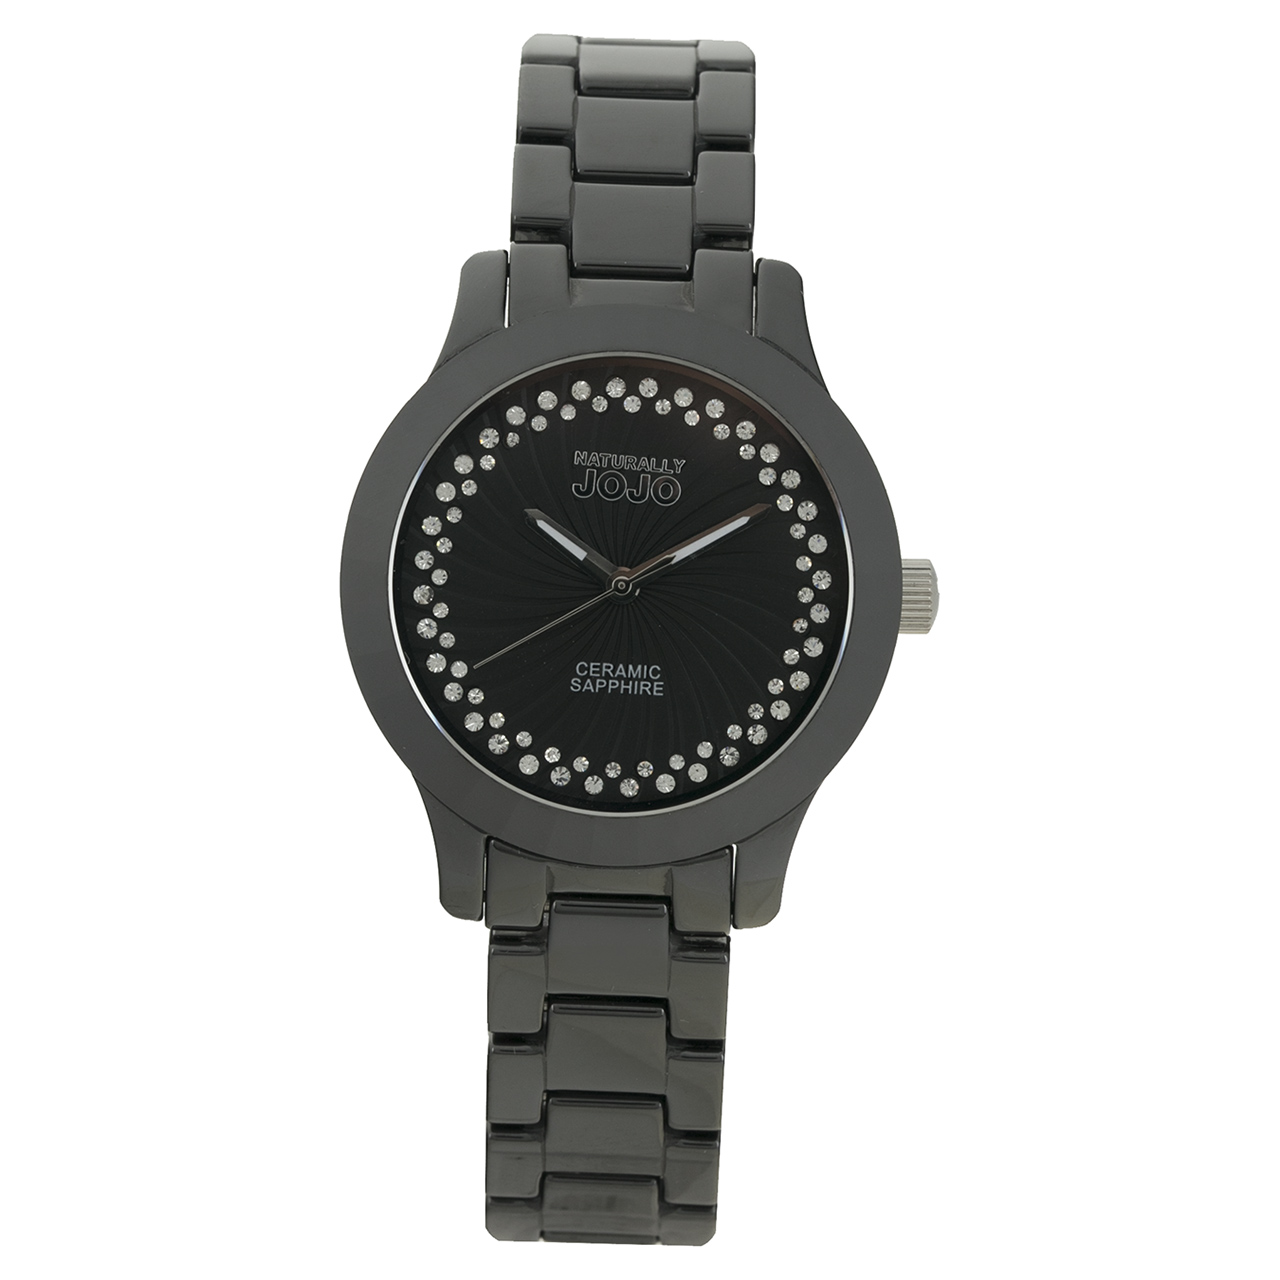 ساعت مچی عقربه ای زنانه نچرالی ژوژو مدل JO96750.88F 33